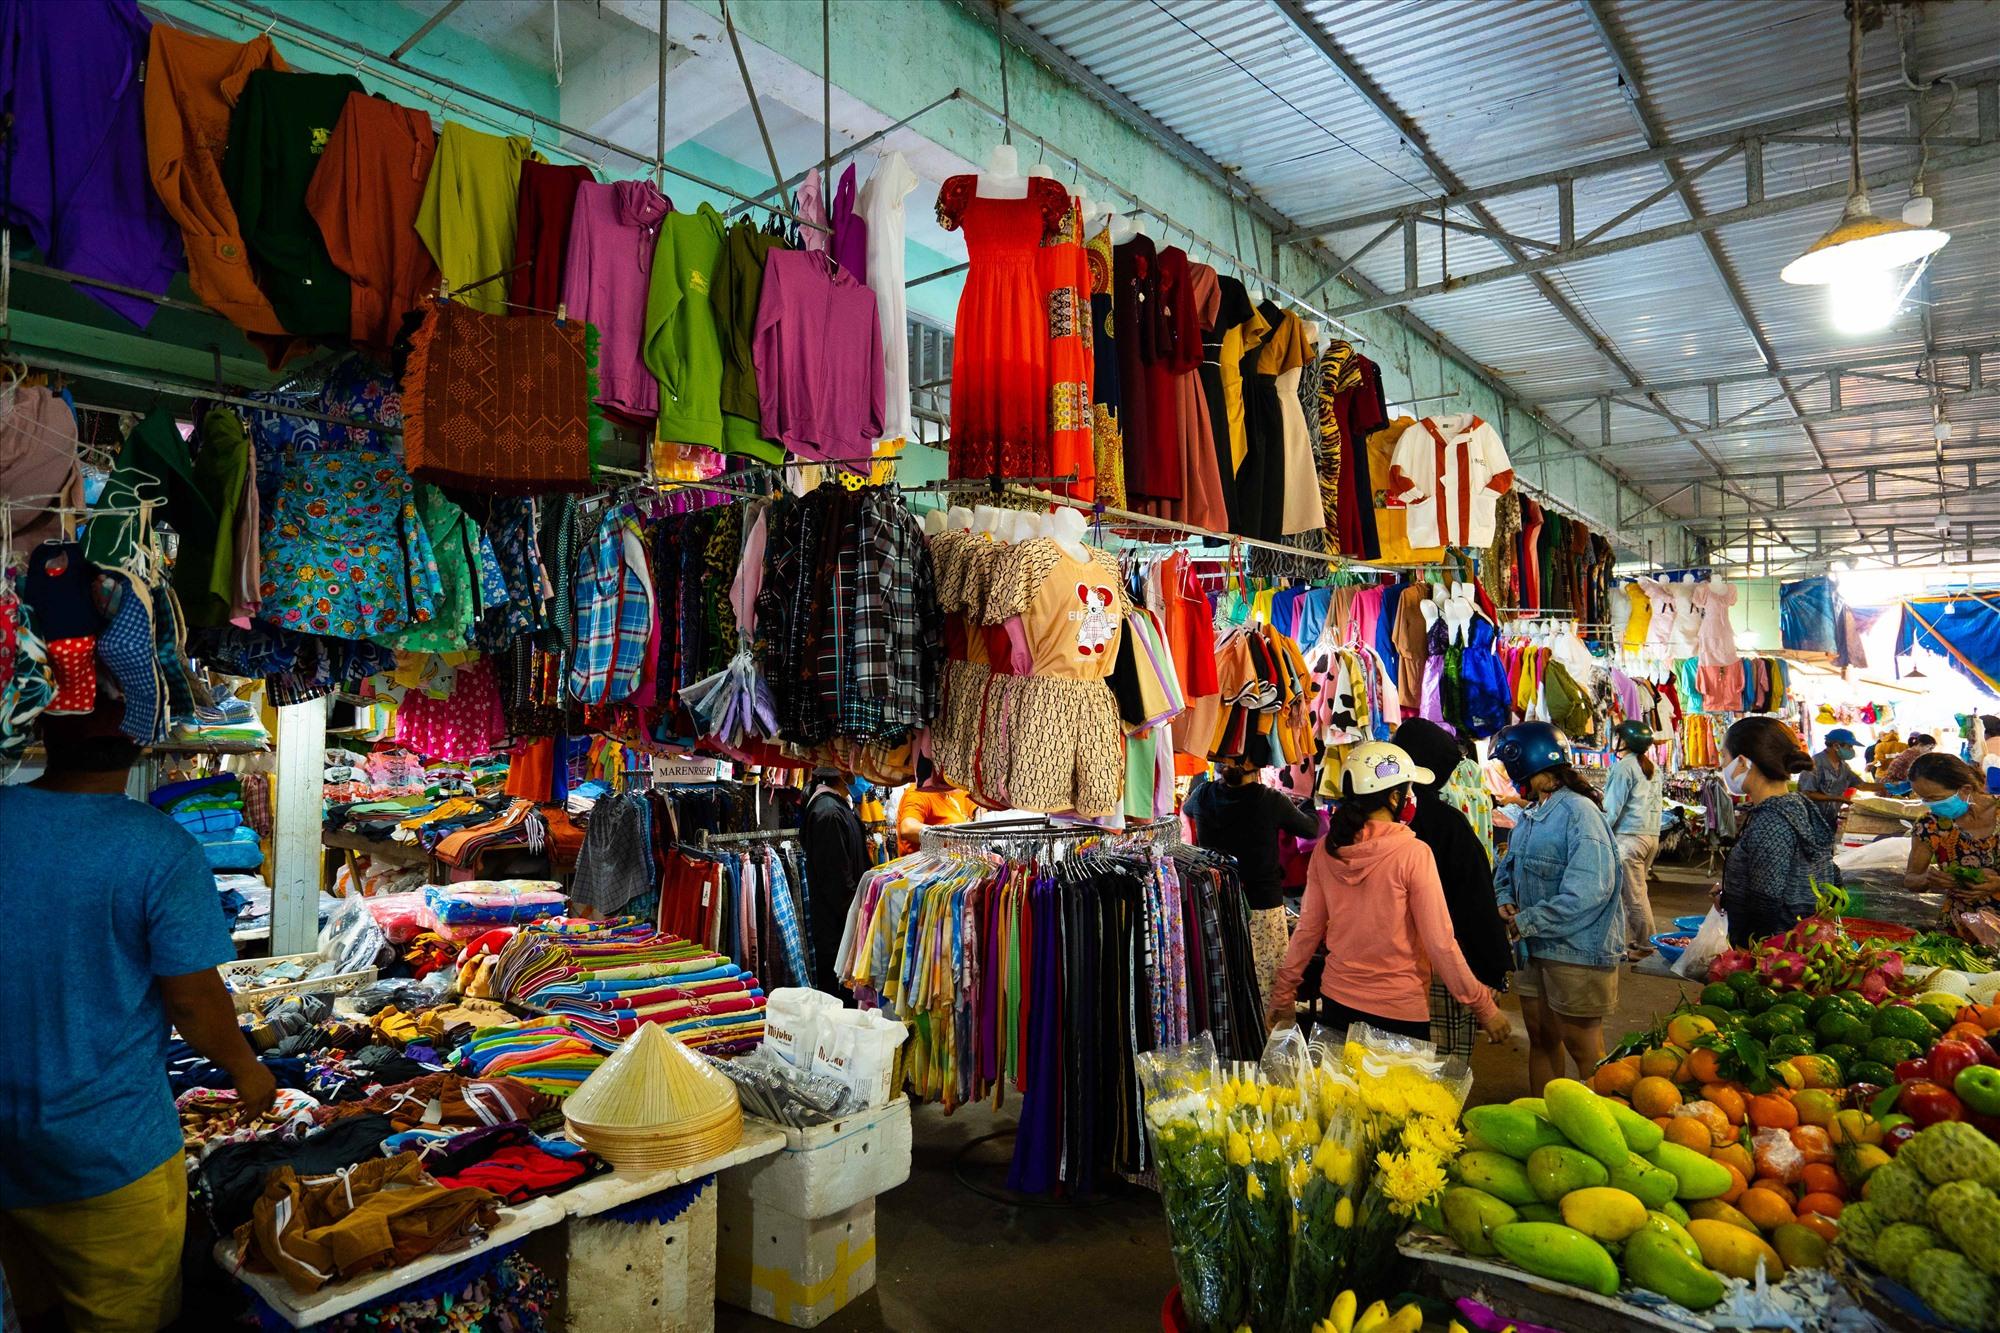 Chợ trung tâm với hơn 2.000 tiểu thương kinh doanh sầm uất.